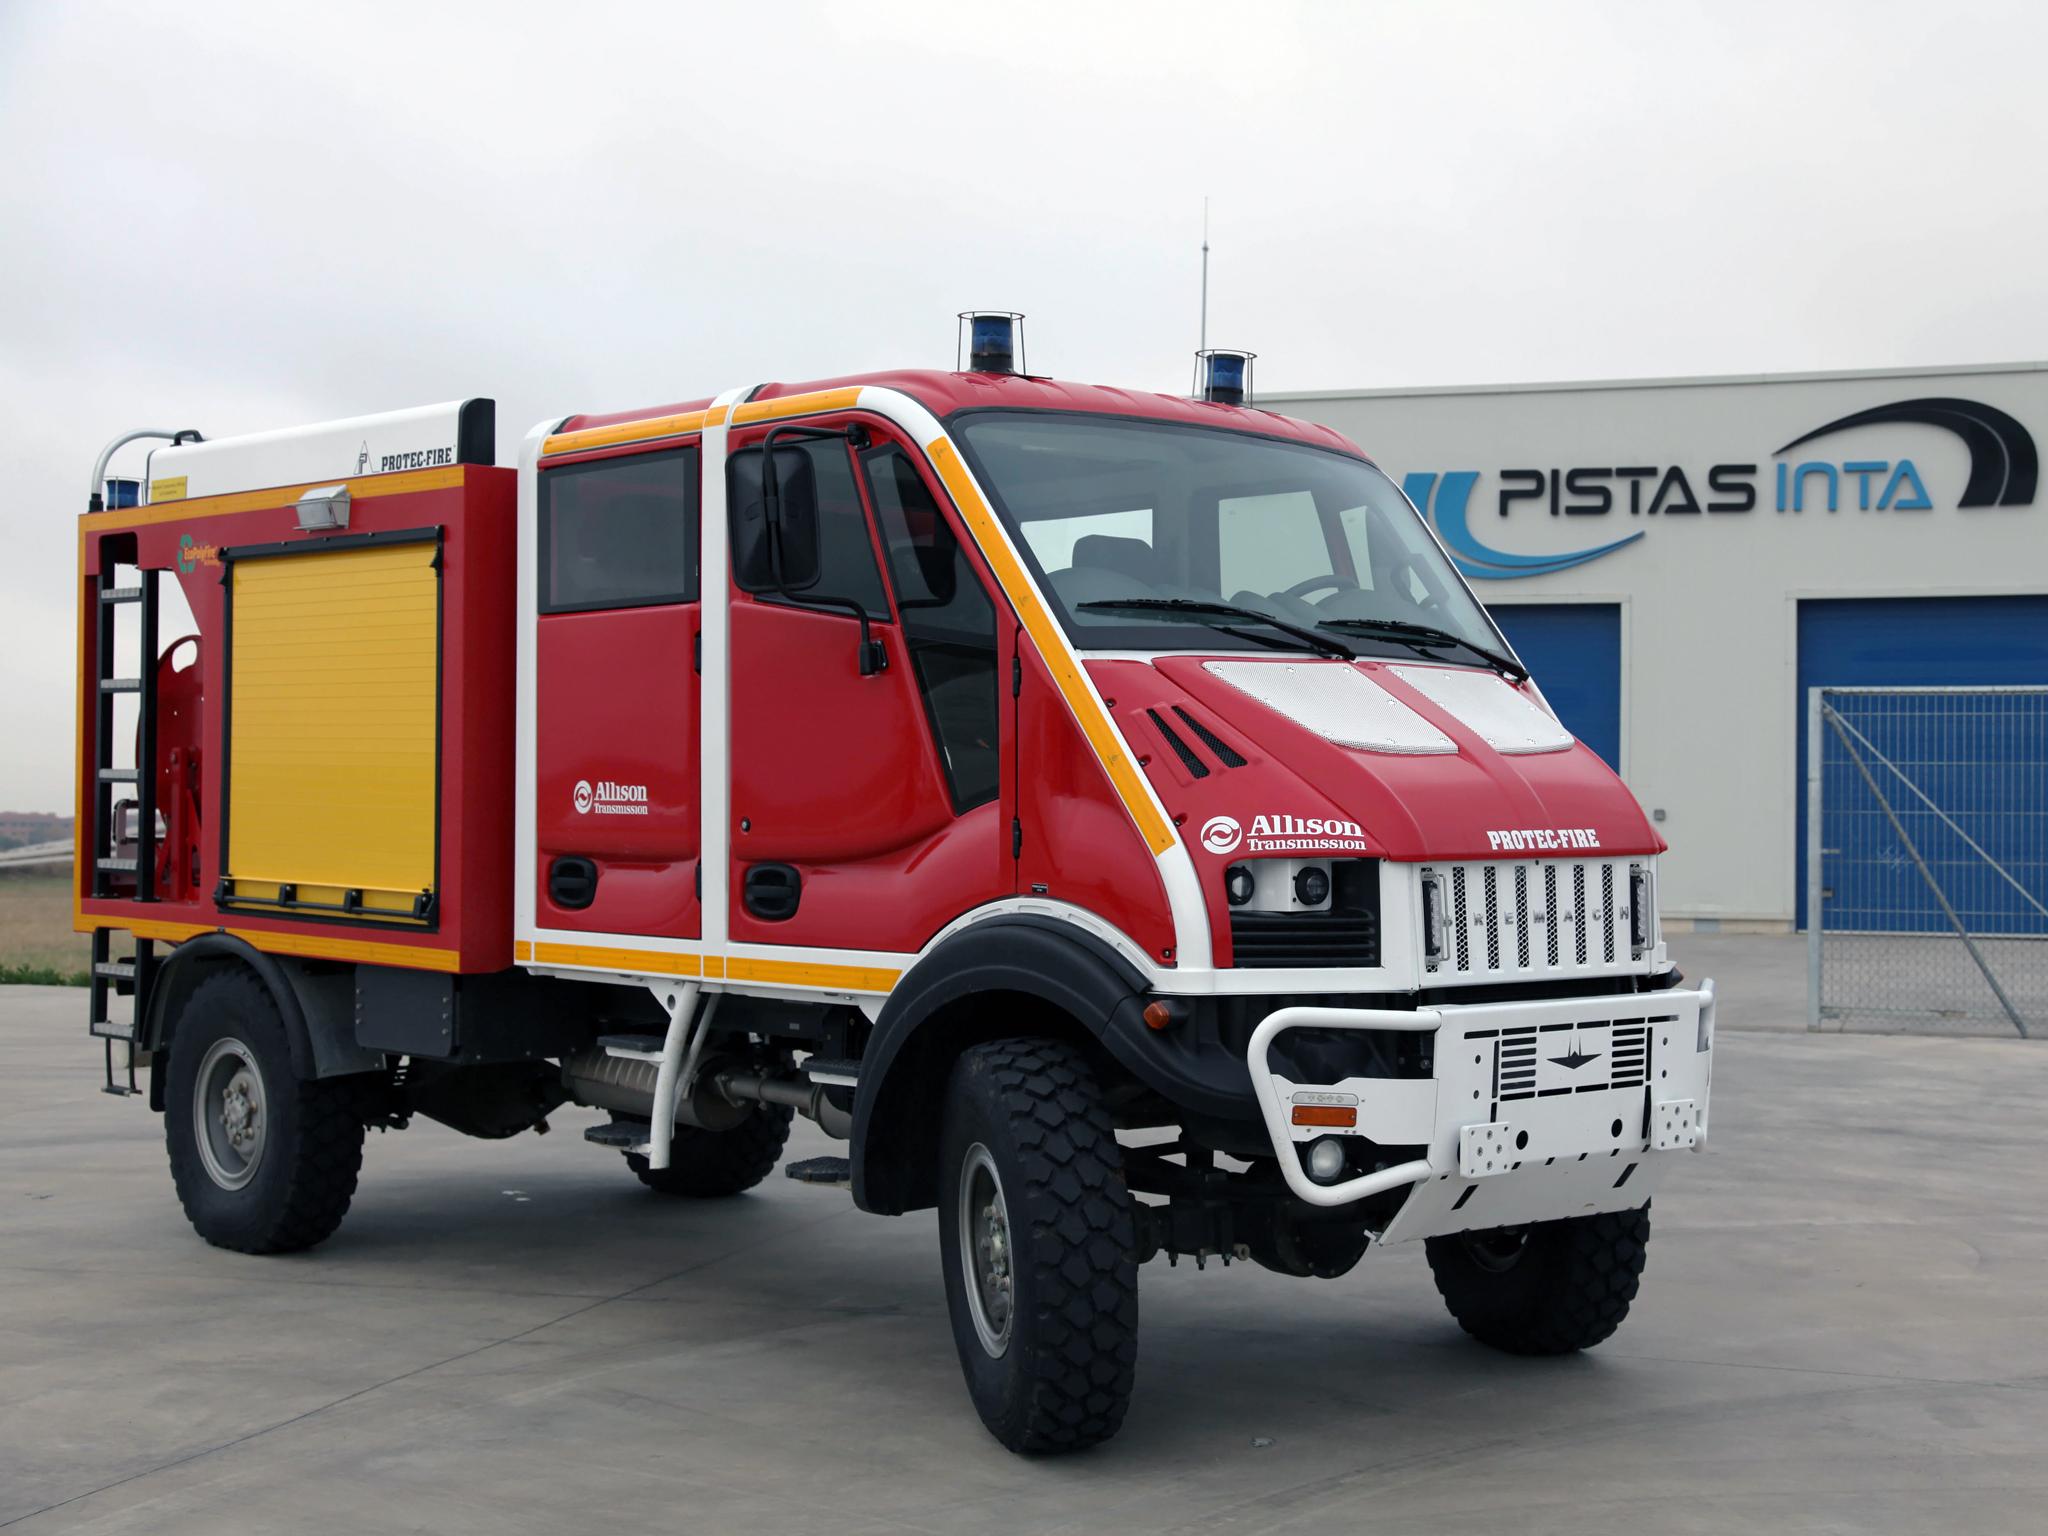 2008 Bremach T-Rex Double Cab Firetruck 4x4 firetruck g wallpaper   2048x1536   129859   WallpaperUP